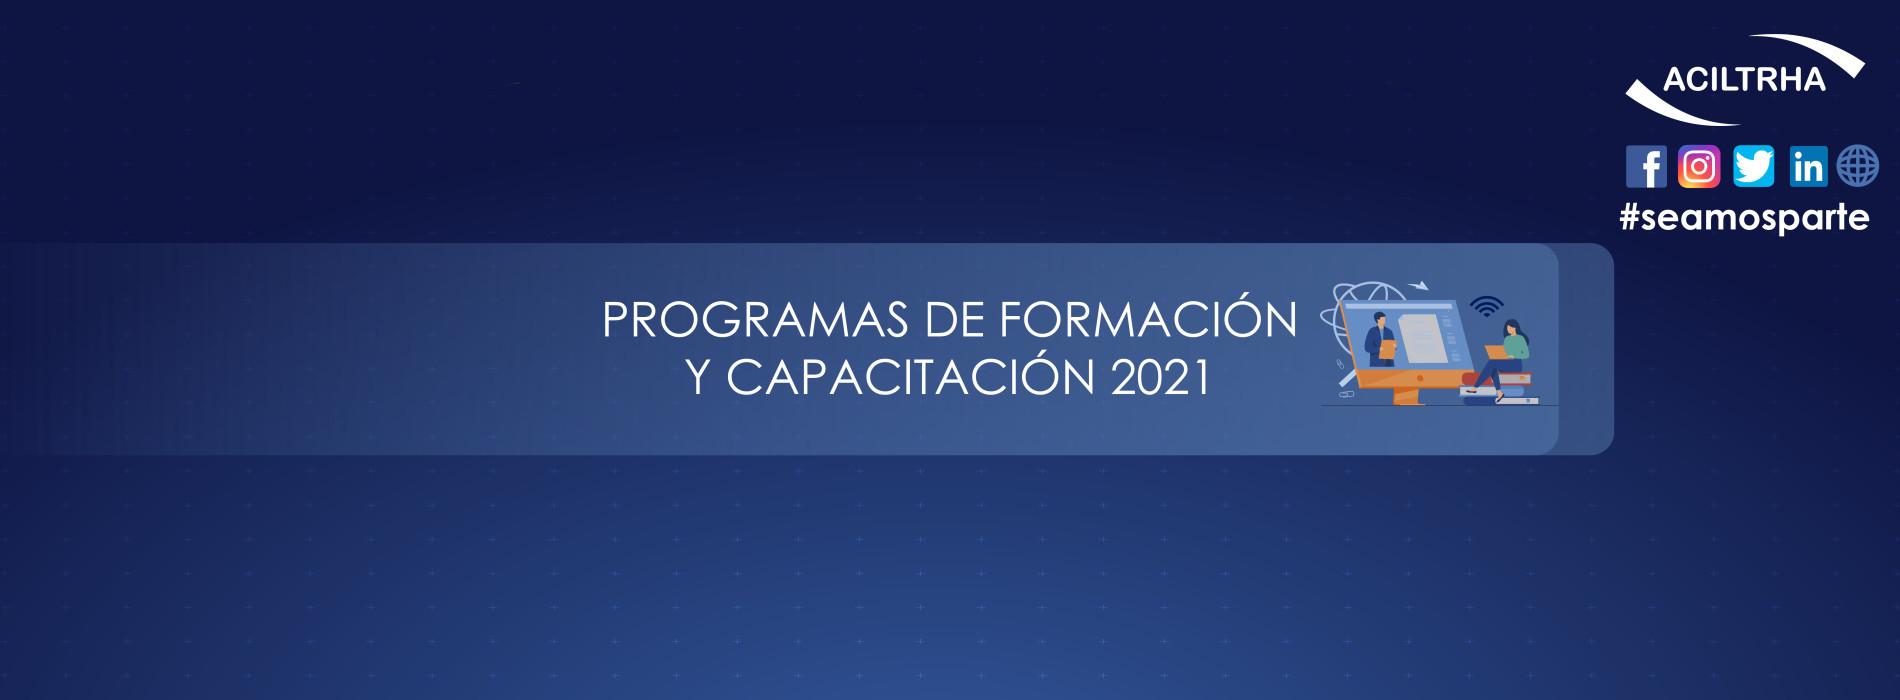 Cursos de Formación Capacitación 2021